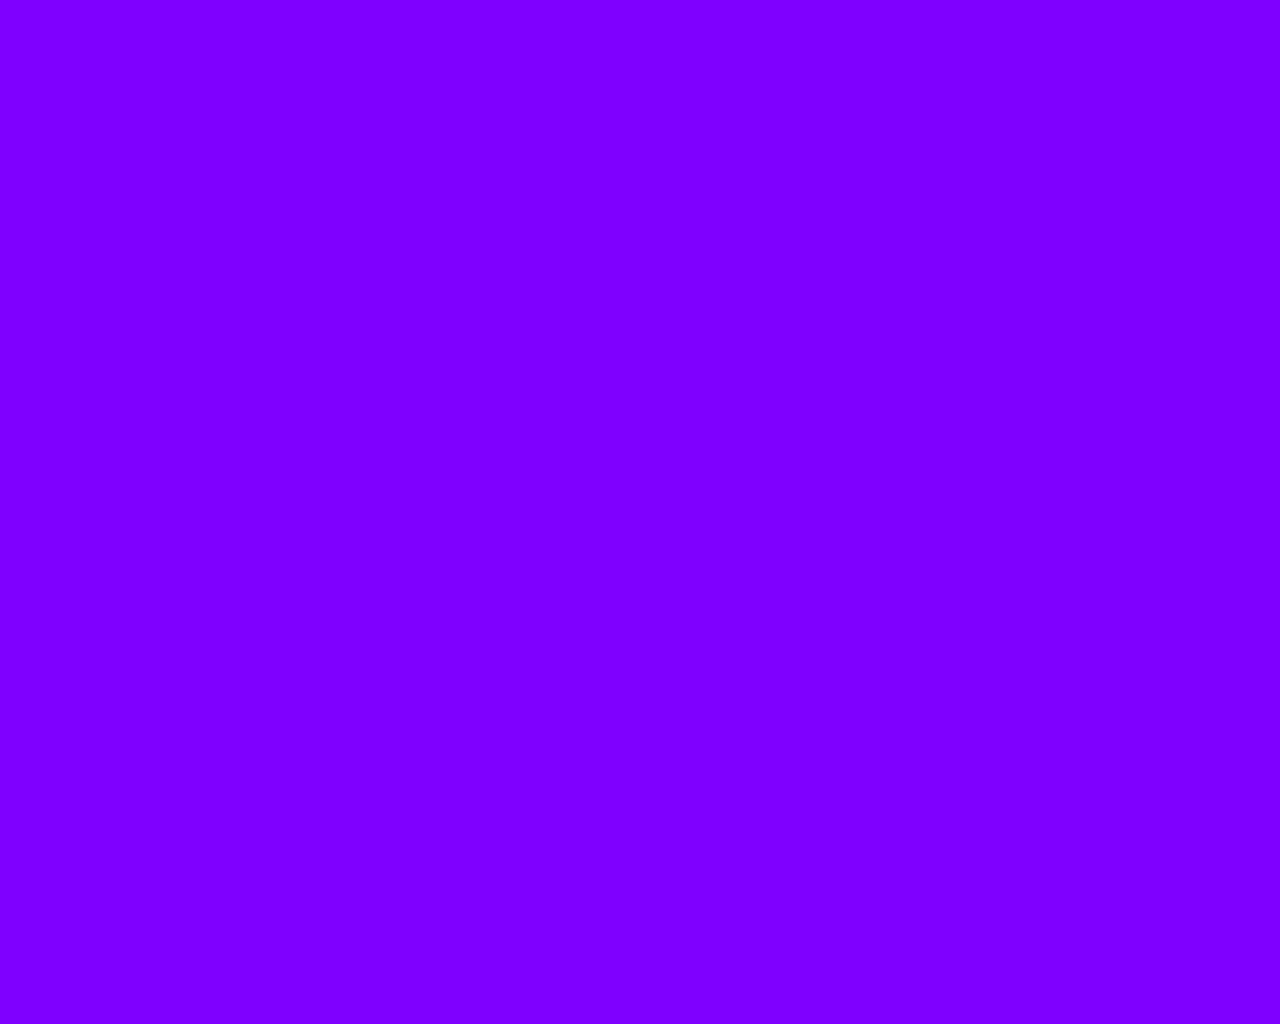 1280x1024 Violet Color Wheel Solid Color Background